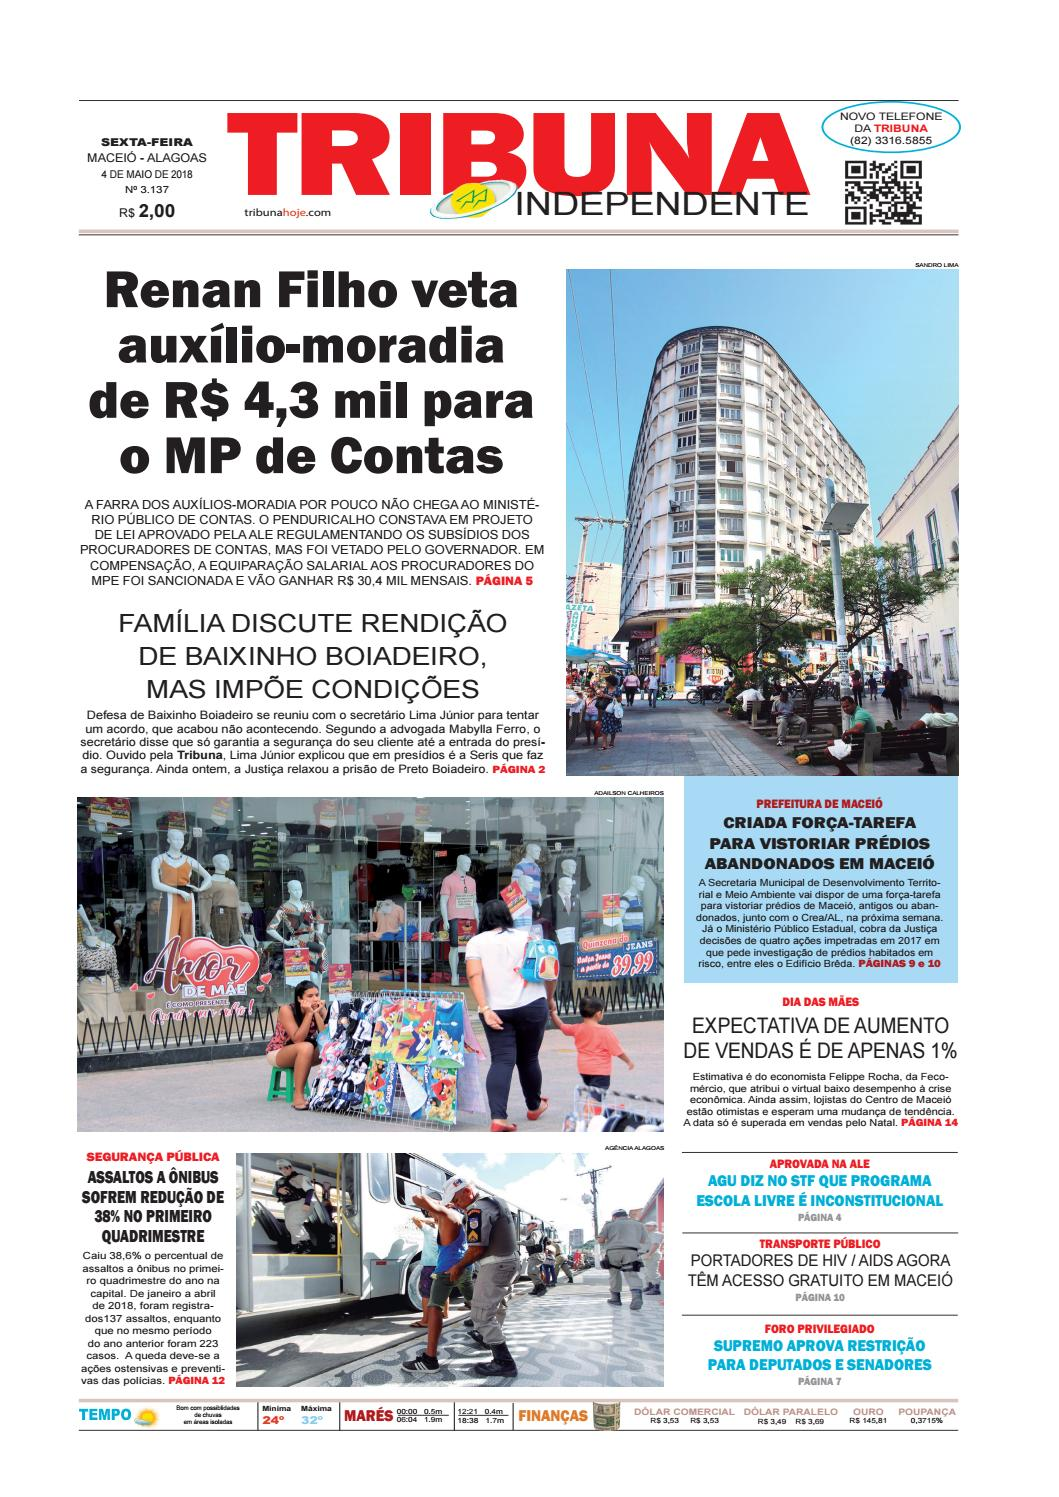 Edição número 3137 - 4 de maio de 2018 by Tribuna Hoje - issuu e7a68b5161